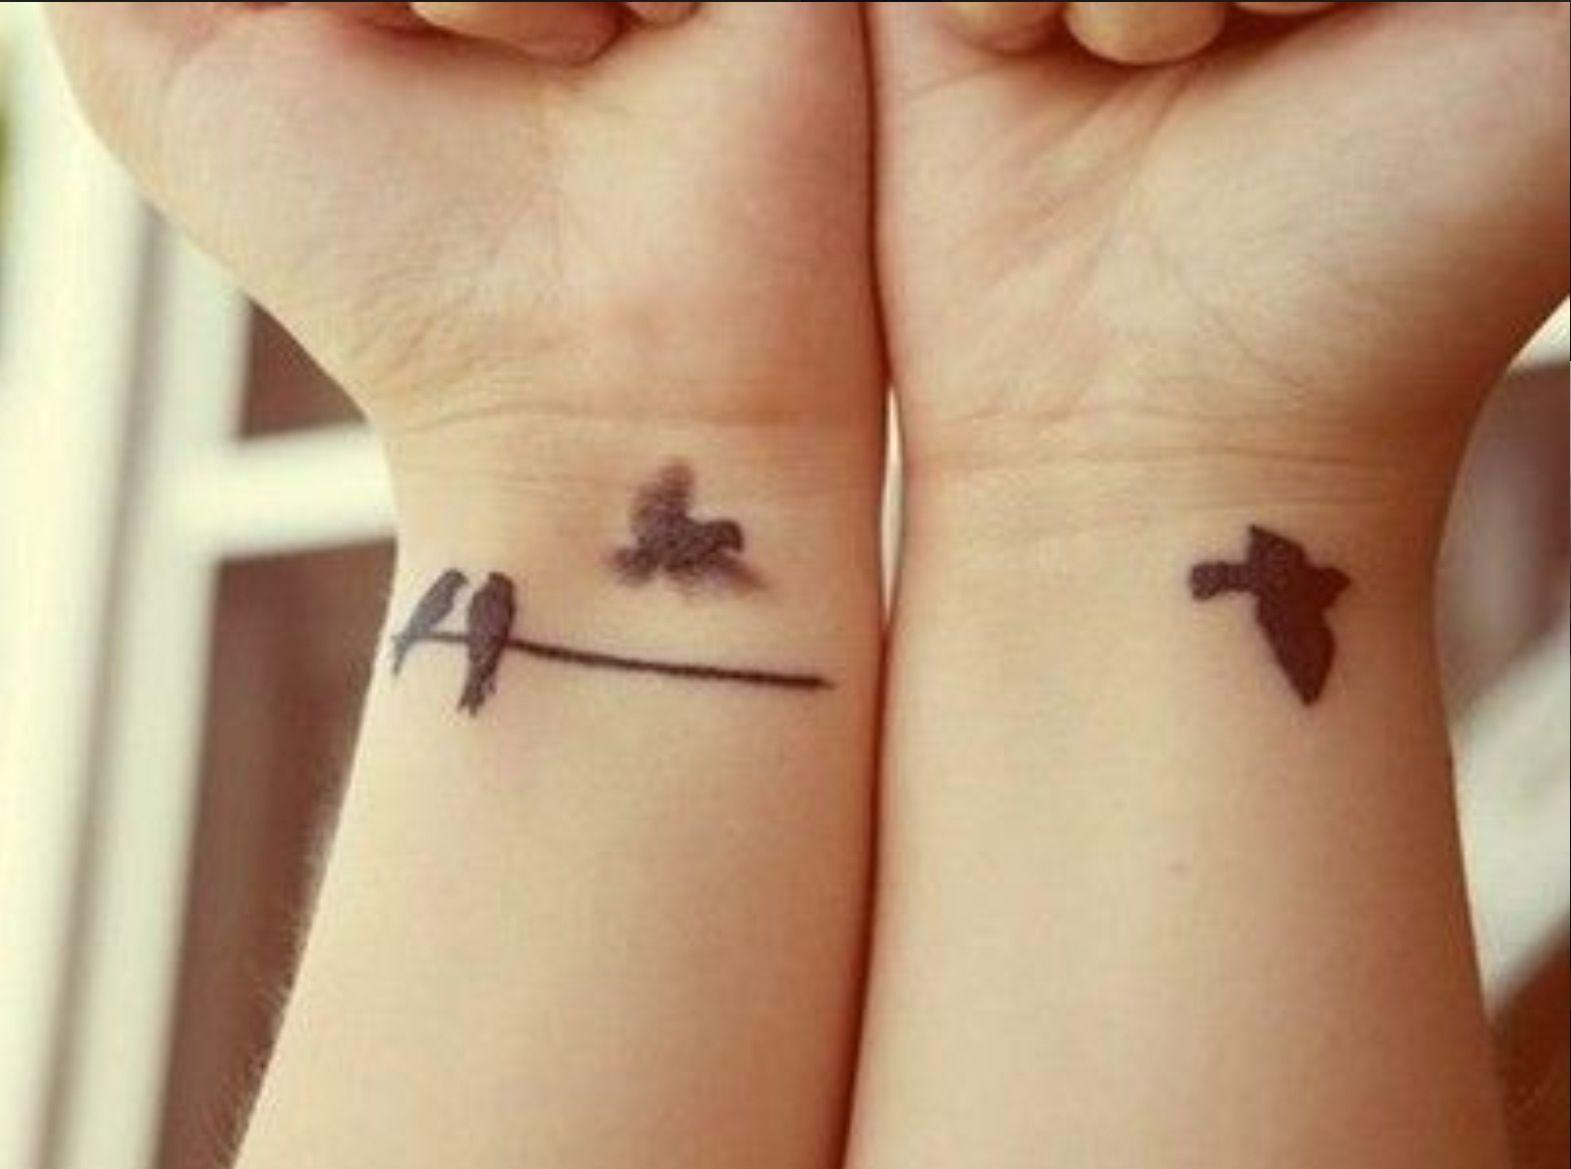 Flying bird tattoo | tales of TATTOOS | Pinterest | Tattoo ...